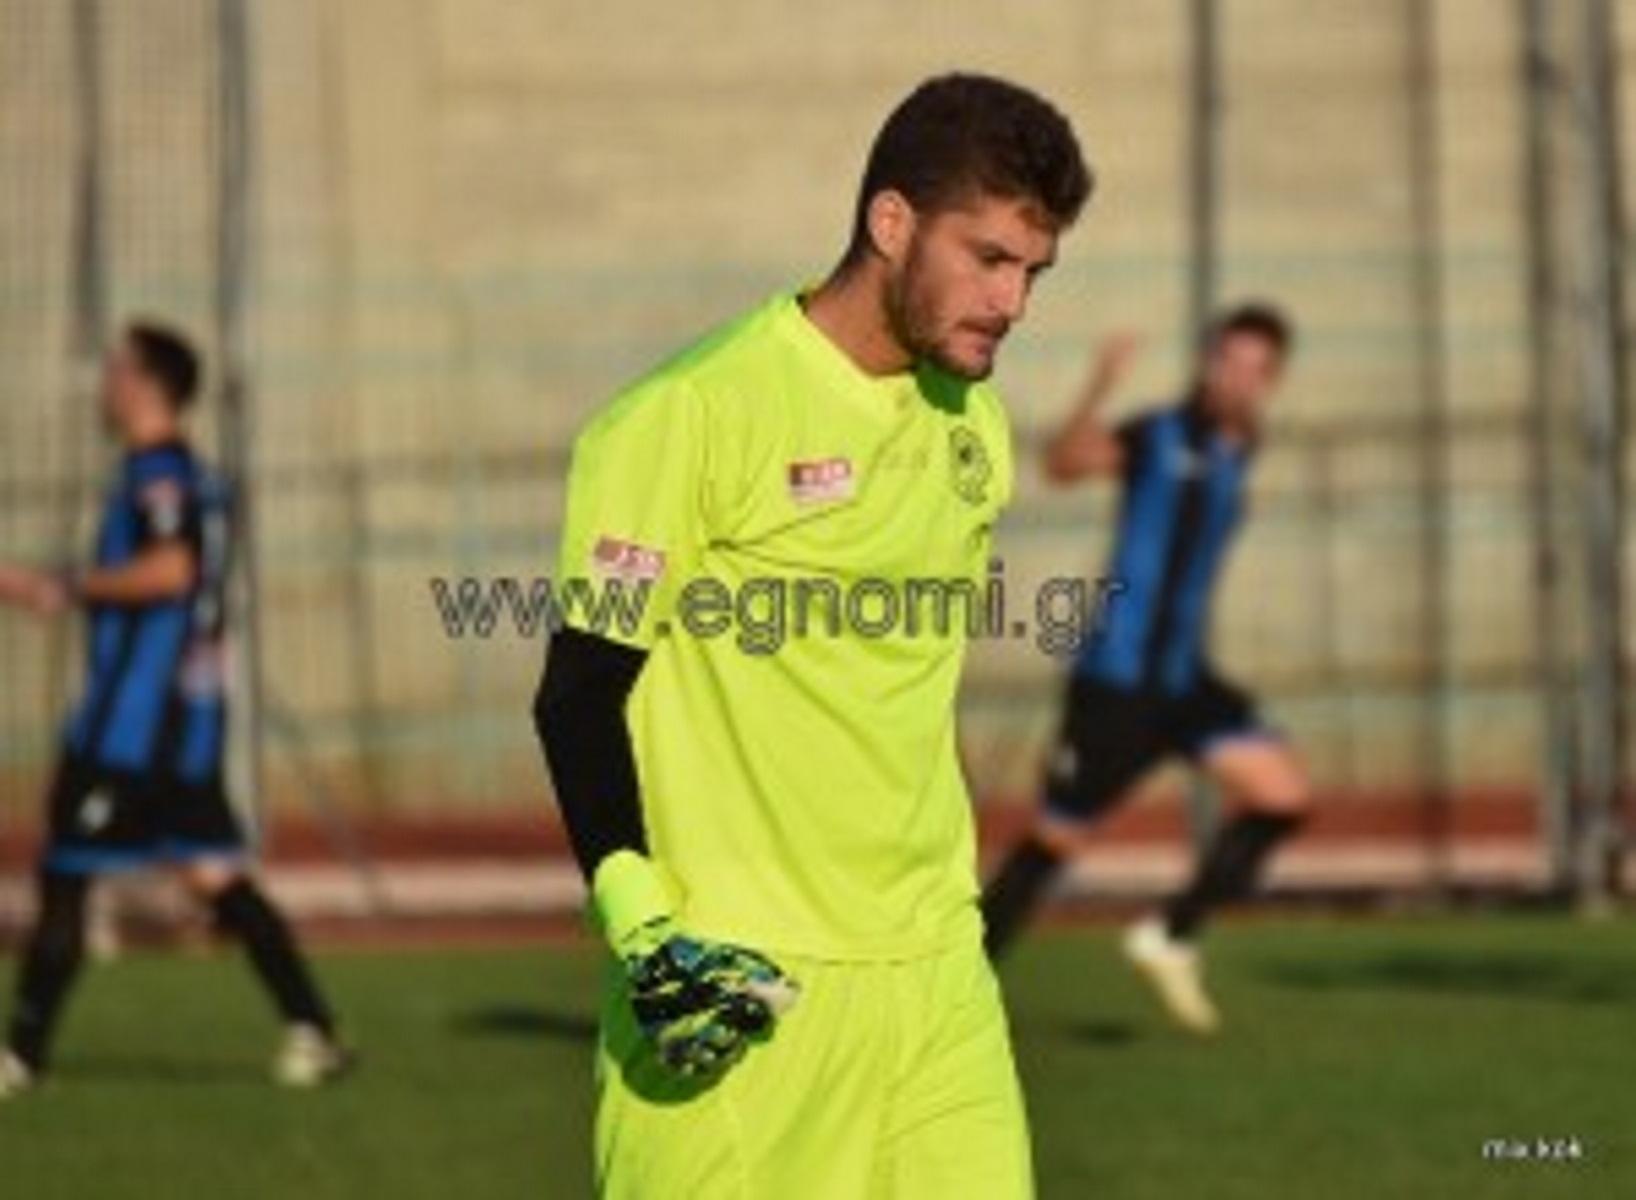 Θρήνος στην Εύβοια – Νεκρός 30χρονος ποδοσφαιριστής σε τροχαίο